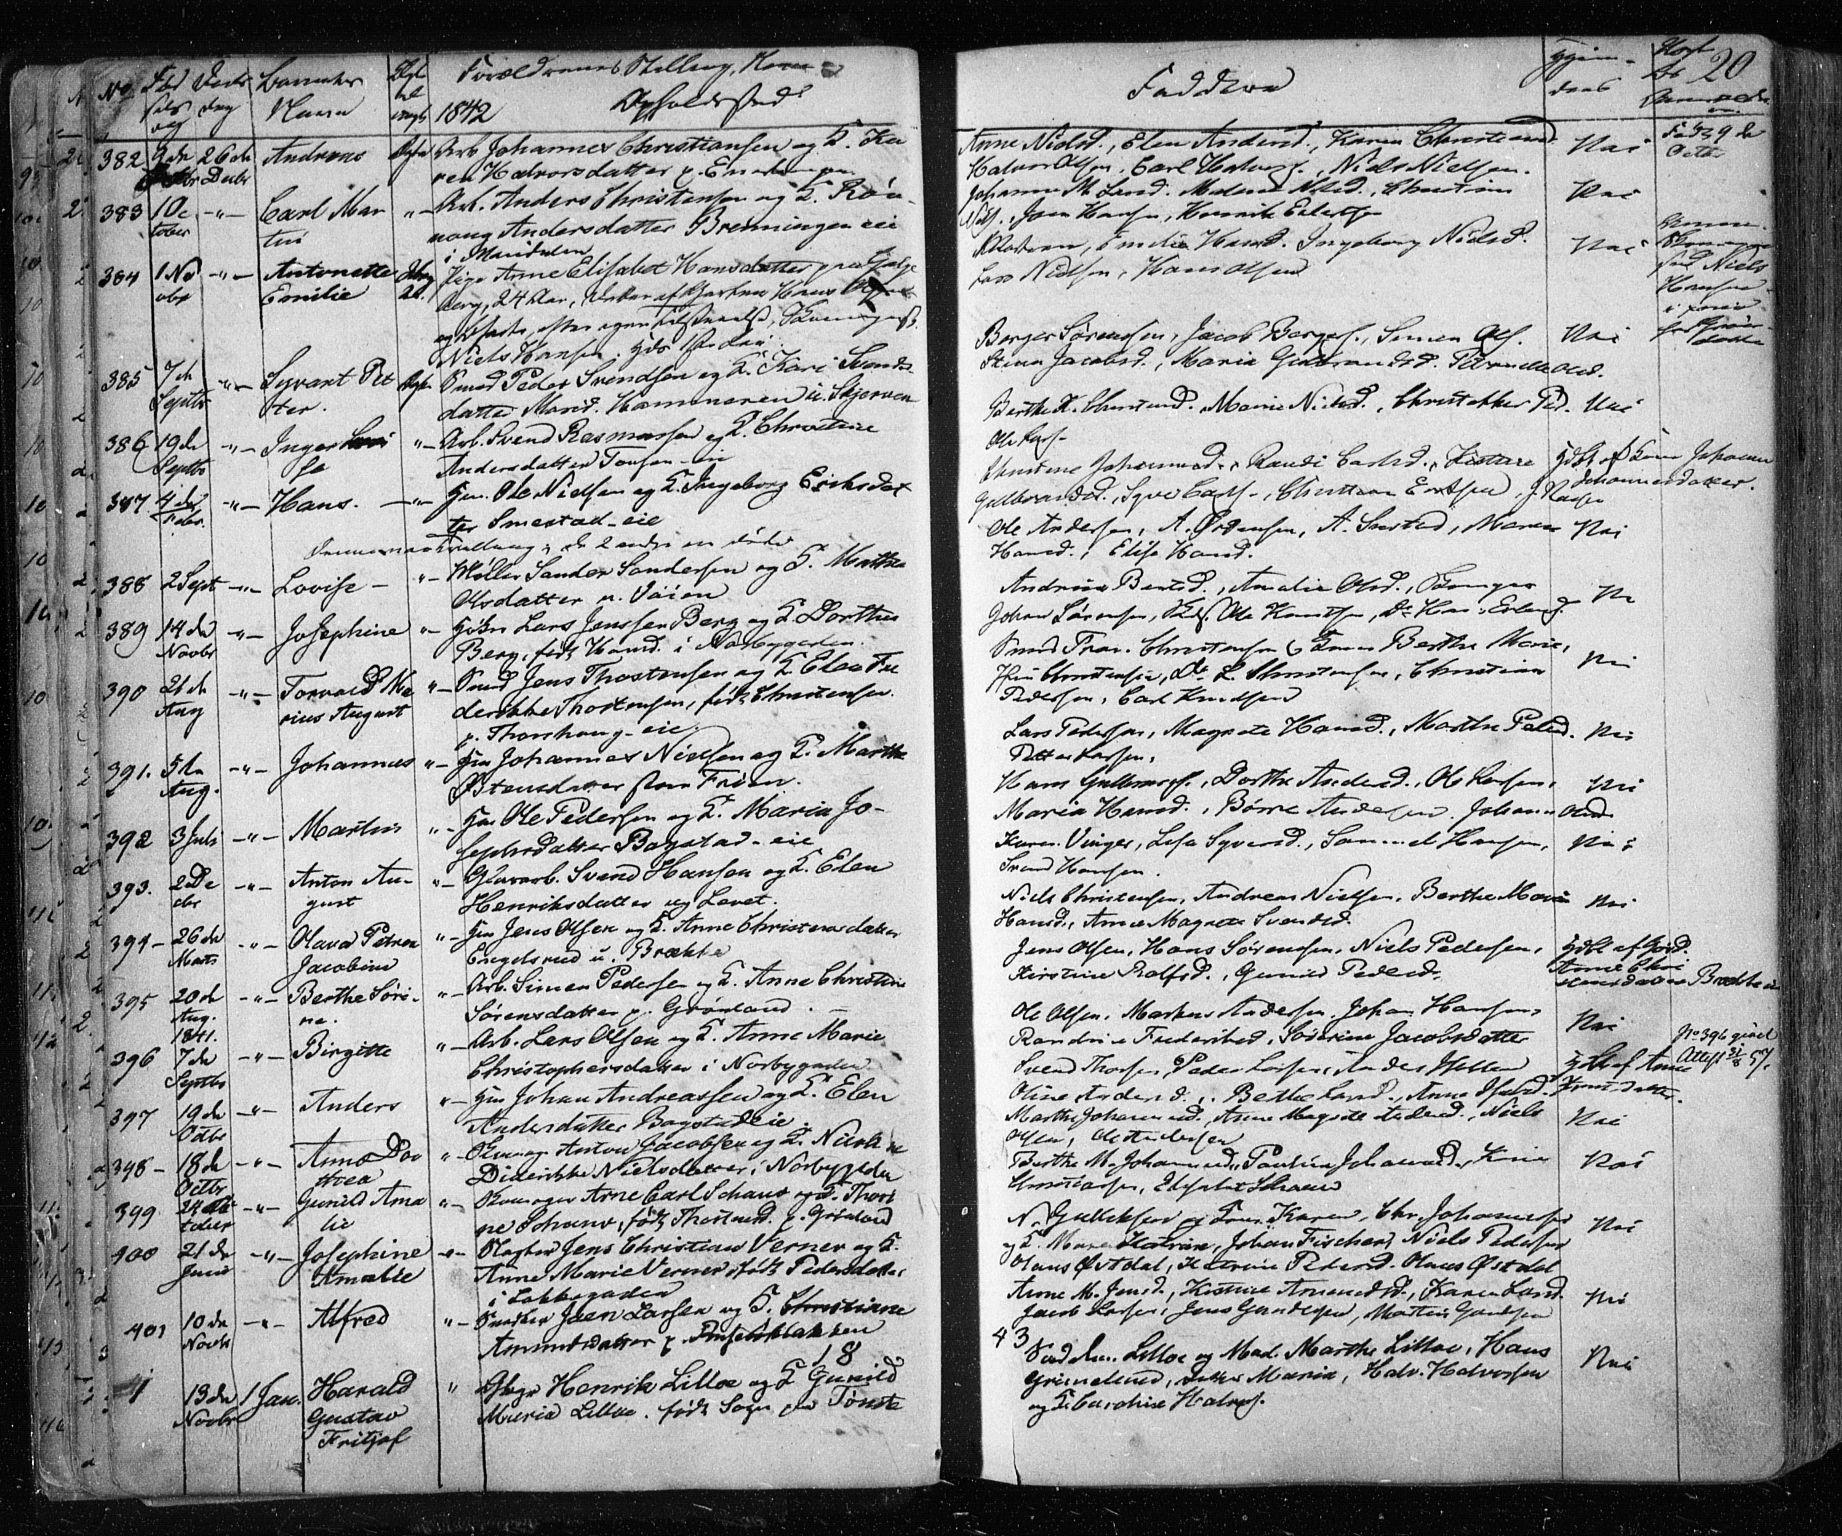 SAO, Aker prestekontor kirkebøker, F/L0019: Ministerialbok nr. 19, 1842-1852, s. 20